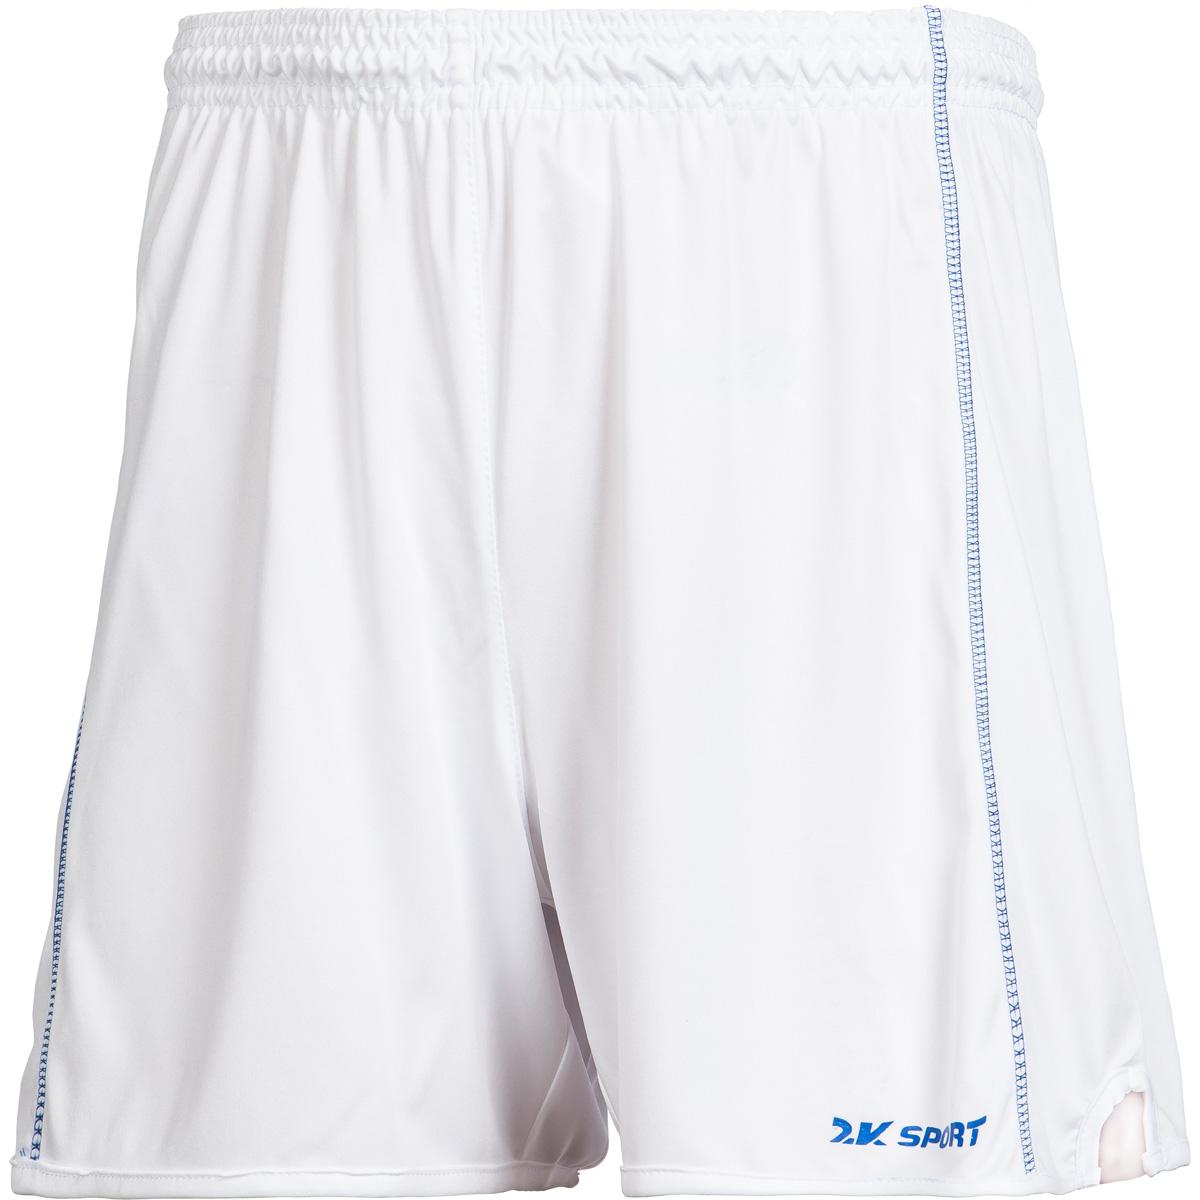 Шорты волейбольные мужские 2K Sport Energy, цвет: белый. 140041. Размер XL (52)140041_whiteВолейбольные шорты с контрастными полосами по бокам. Изготовлены из ткани повышенной прочности, дополнены эластичным поясом со шнурками.